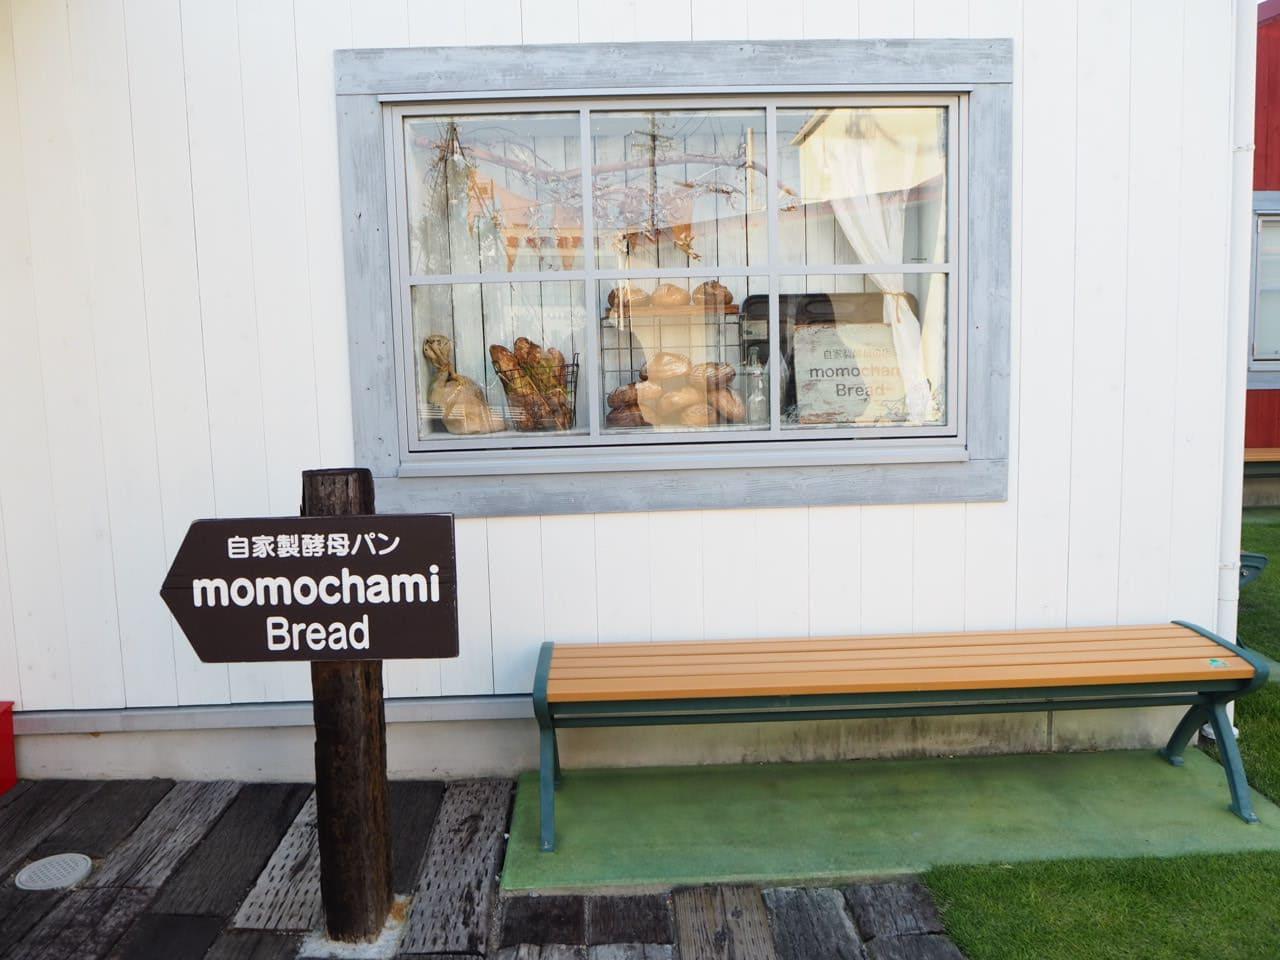 モモチャミブレッドの入り口